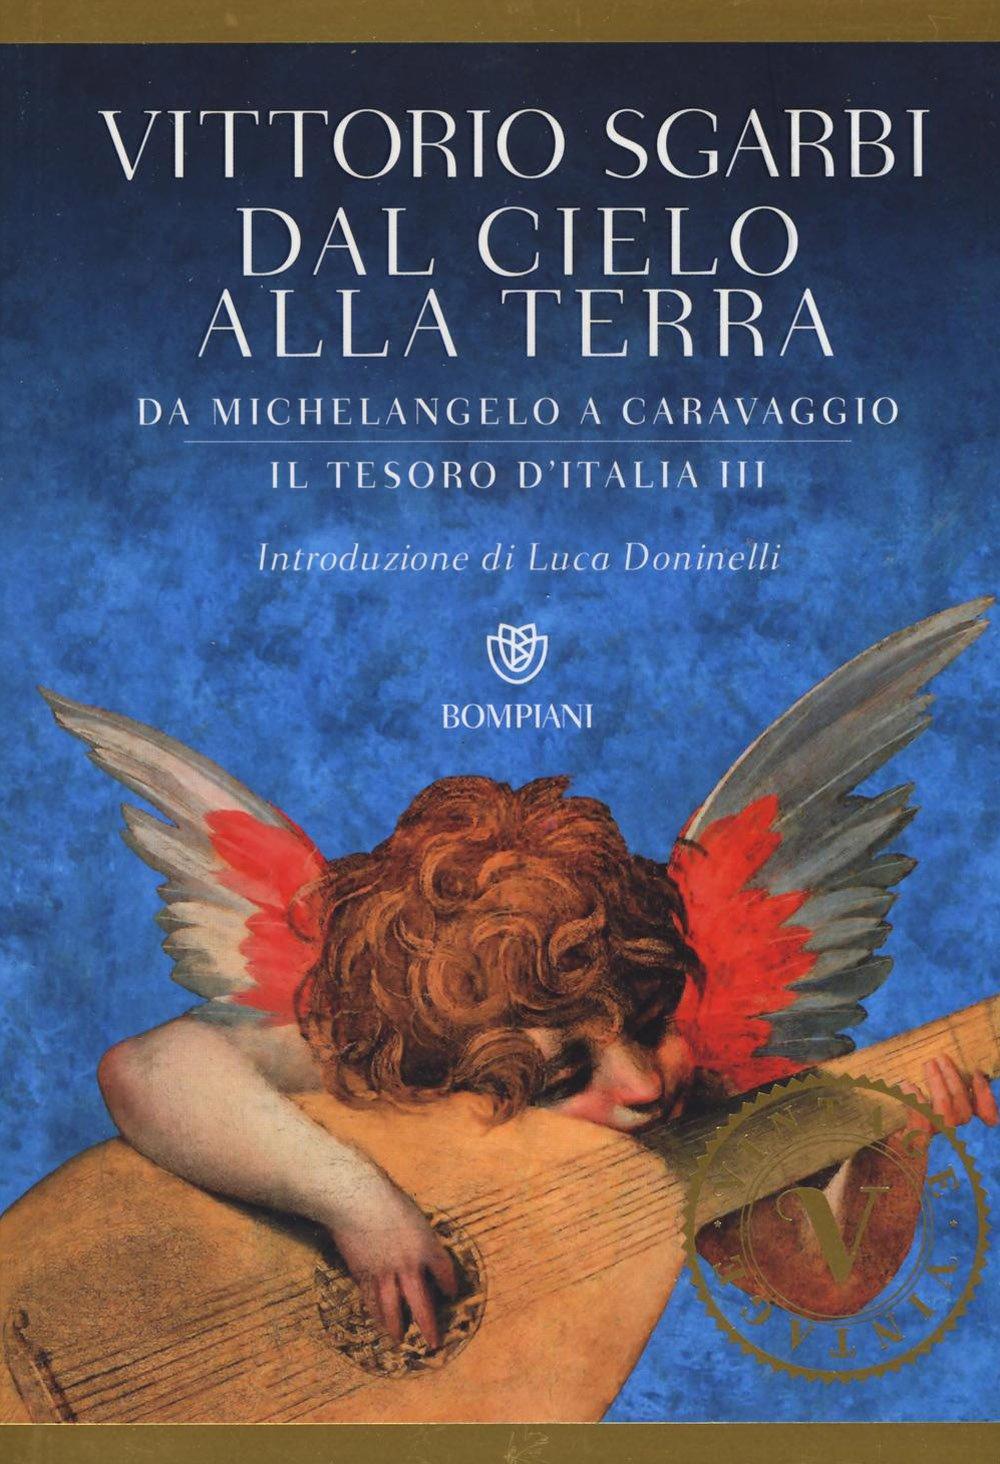 Libri di vittorio sgarbi -dal cielo alla terra. da michelangelo a caravaggio. il tesoro d`italia: 3 (italiano) 8845281825